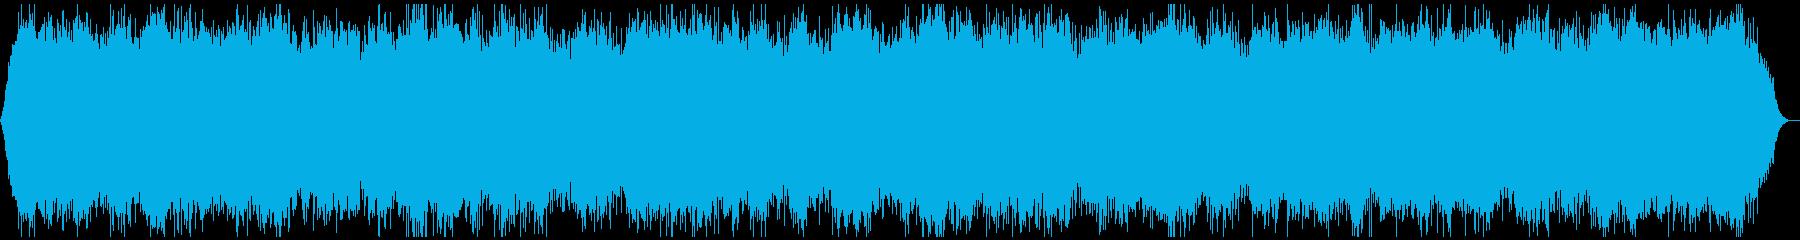 心霊映像の再現VTR用●アンビエント Cの再生済みの波形